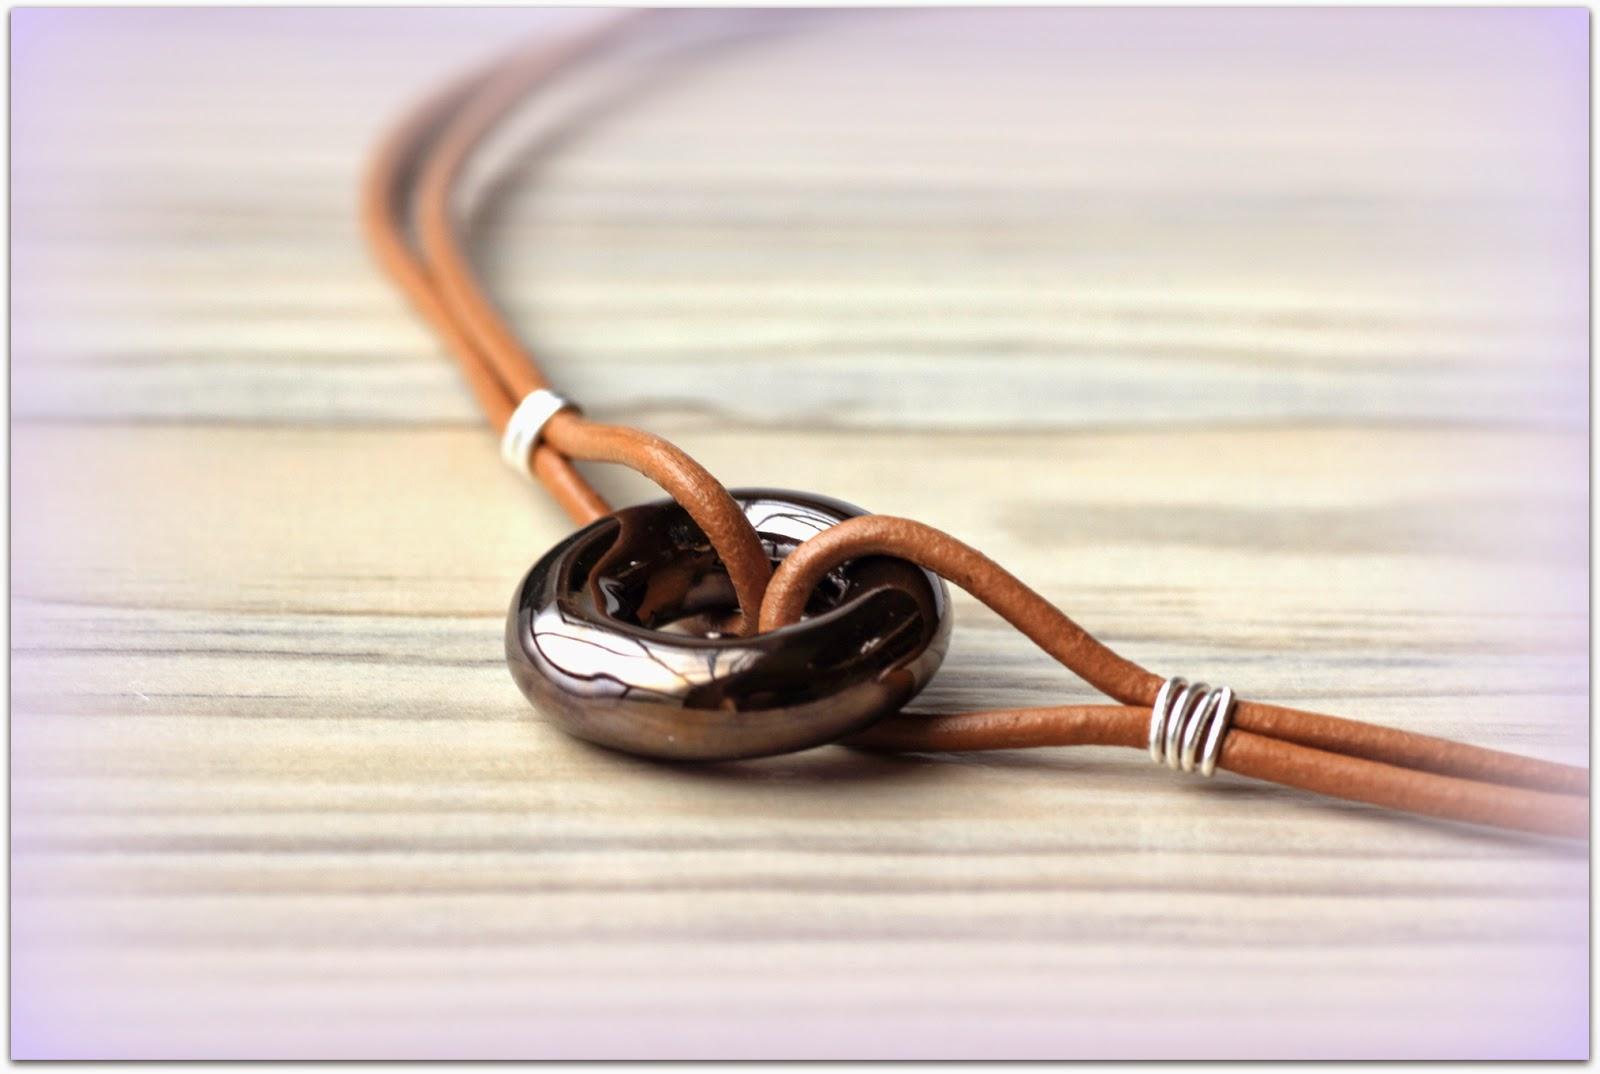 http://it.dawanda.com/product/68351359-Collana-uomo-unisex-in-cuoio-argento-925-ceramica